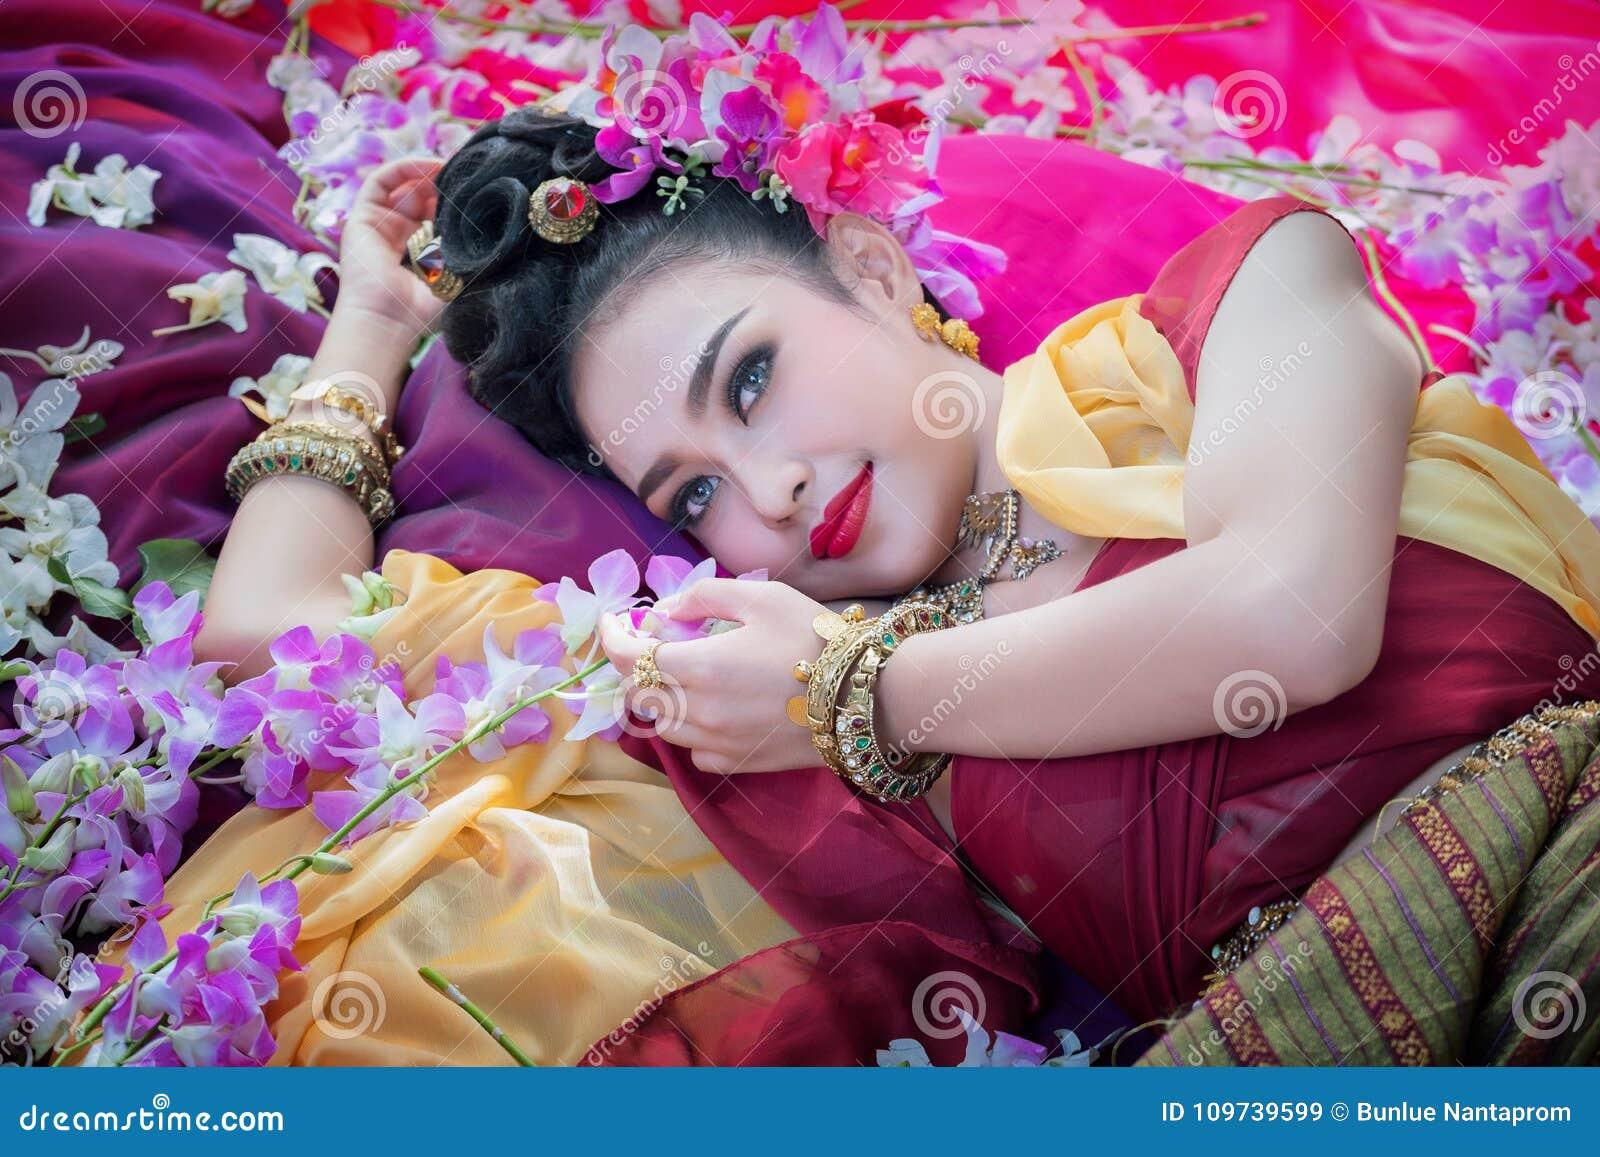 Tajlandzka kobieta jest ubranym trpical tajlandzką suknię z kwiatu tłem, po